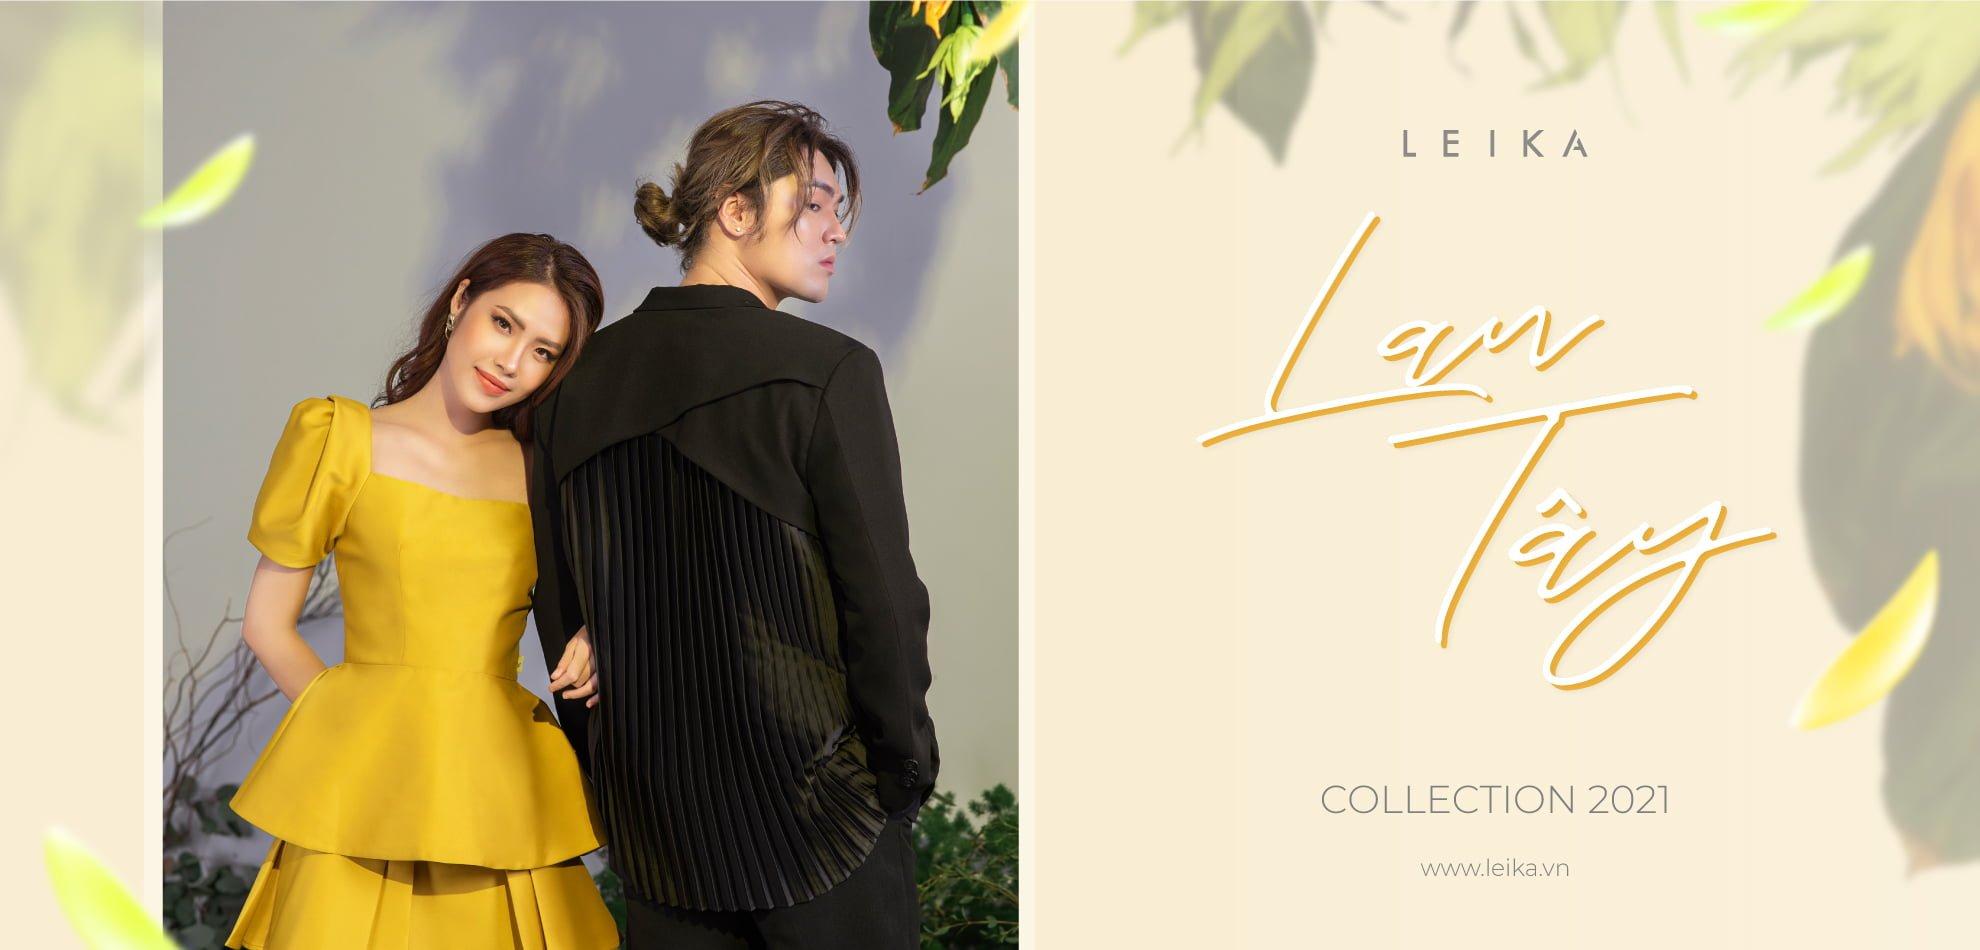 Leika - Lan Tây Collection 2021